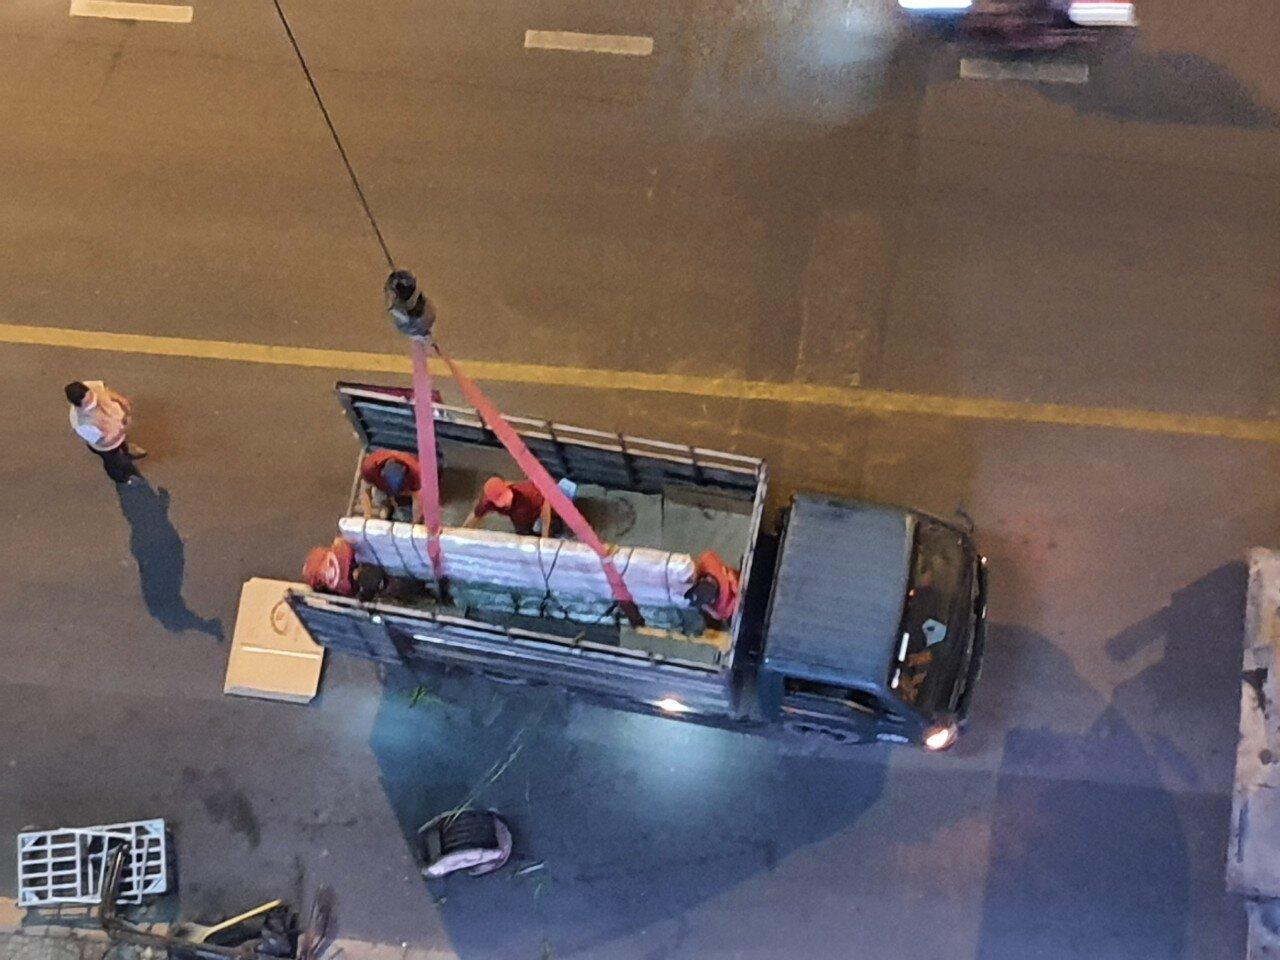 Phải dùng xe cẩu chuyên dụng để vận chuyển